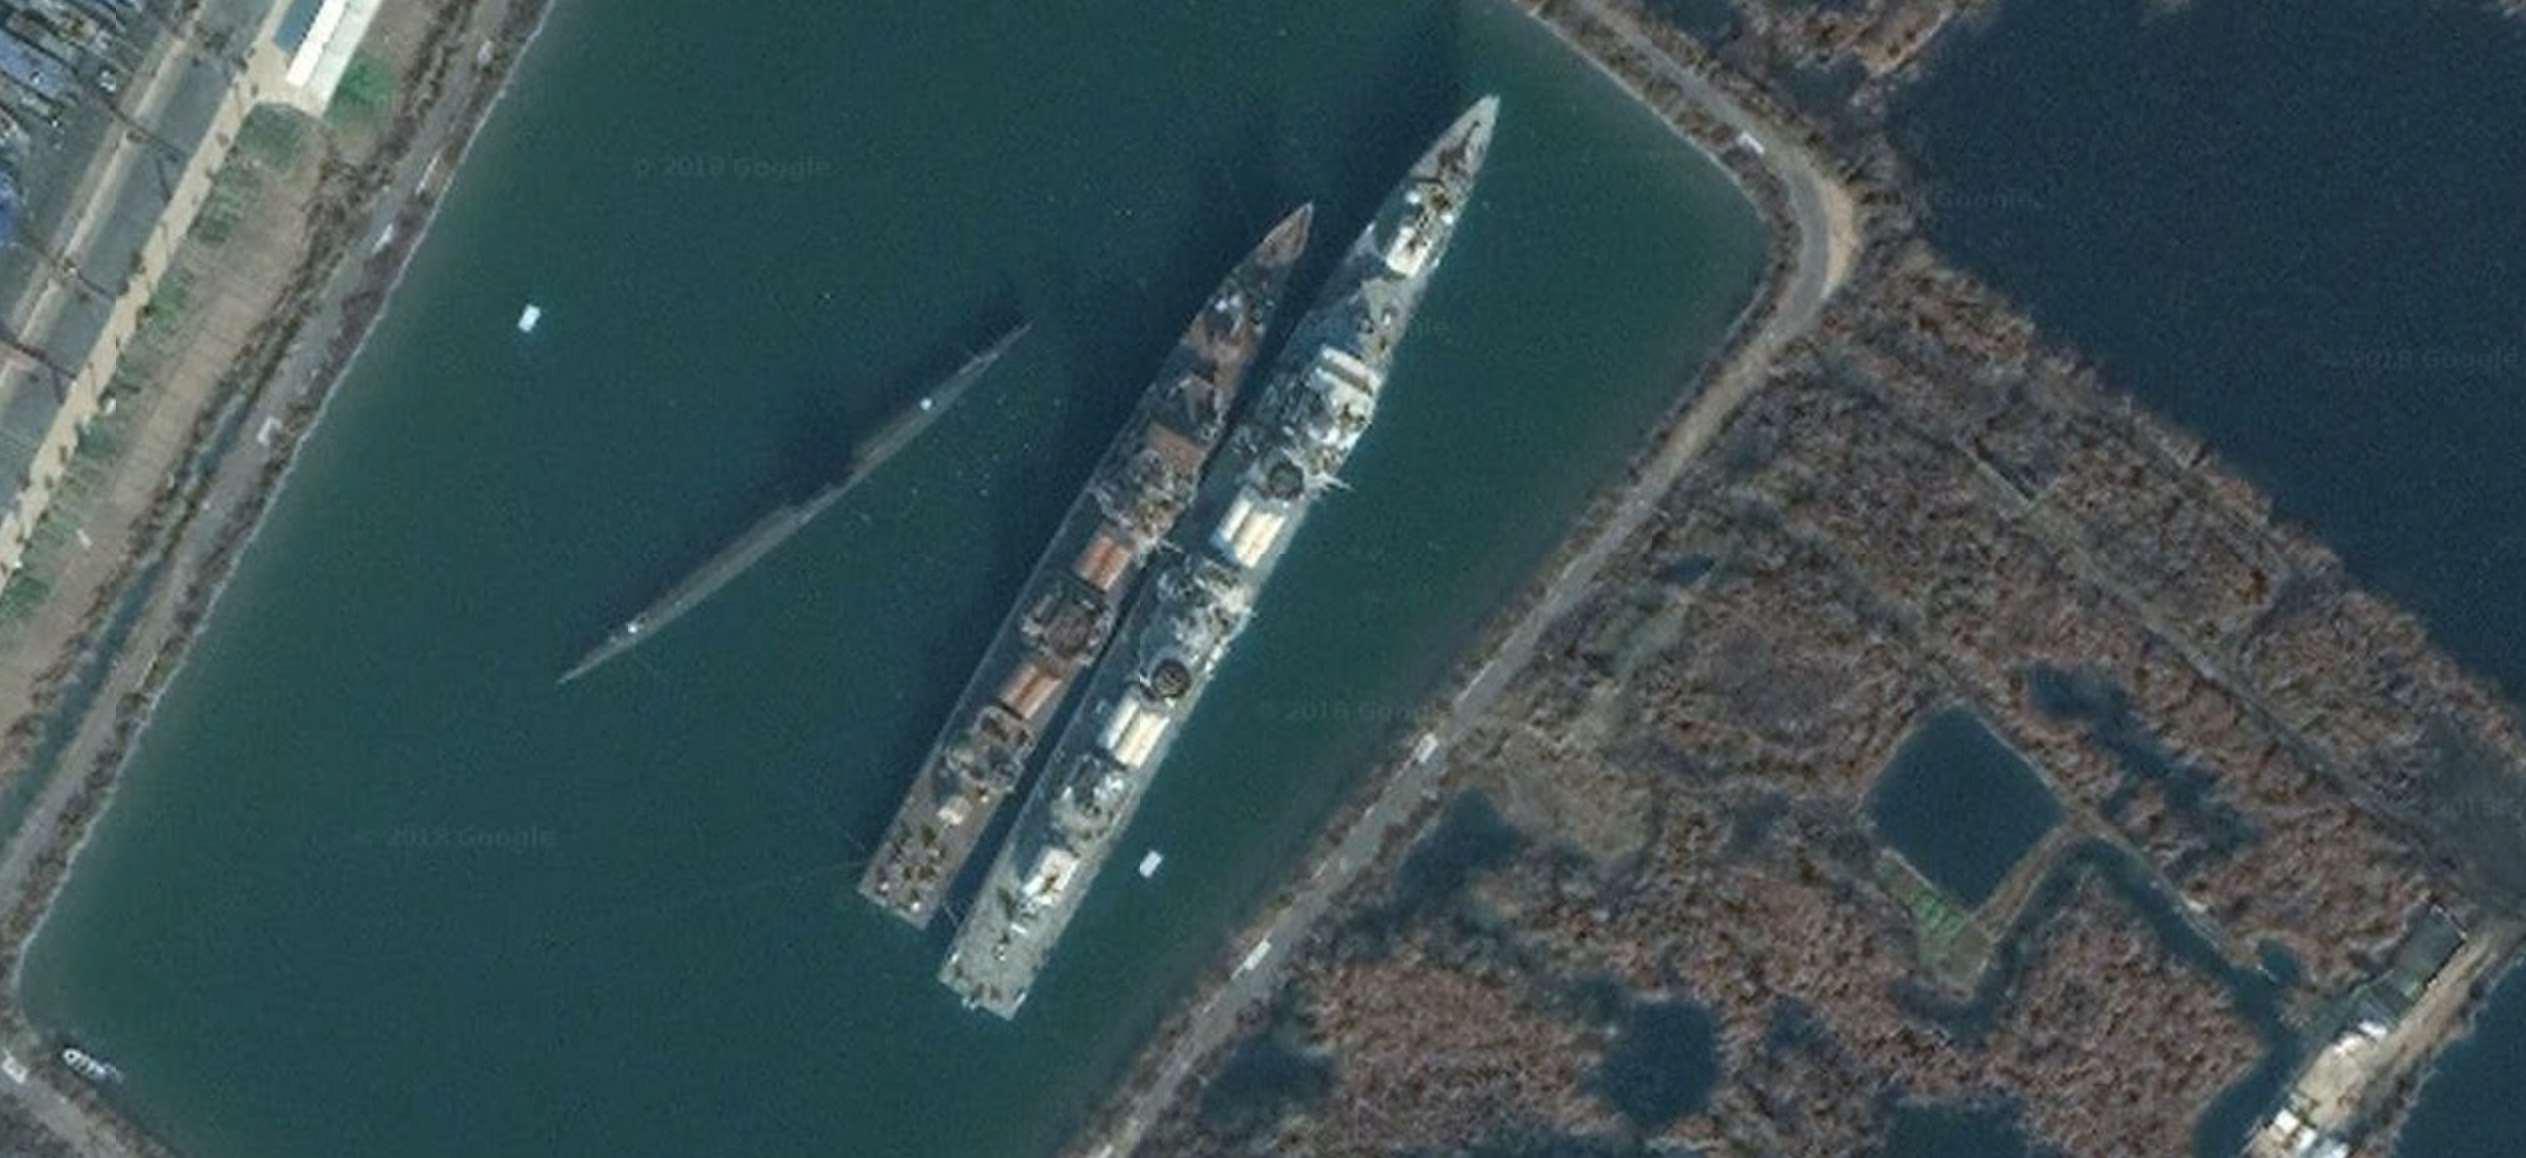 6633潜艇-274-泰州海军主题公园(泰州大桥临江路附近)-1.jpg